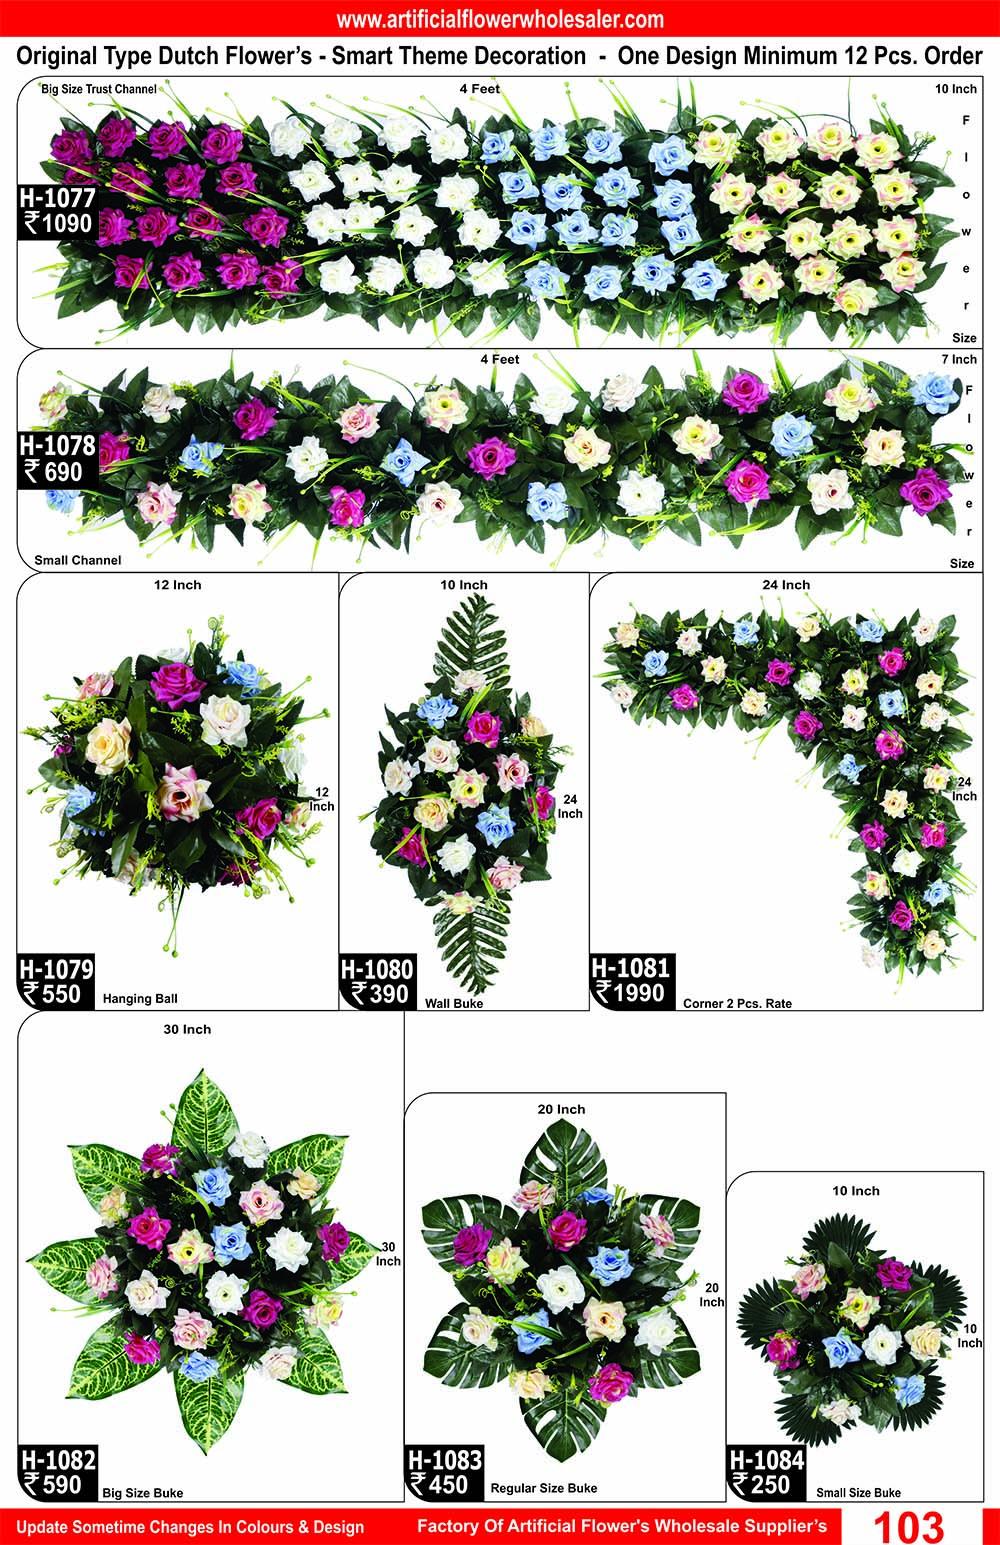 103-artificial-flower-wholesaler